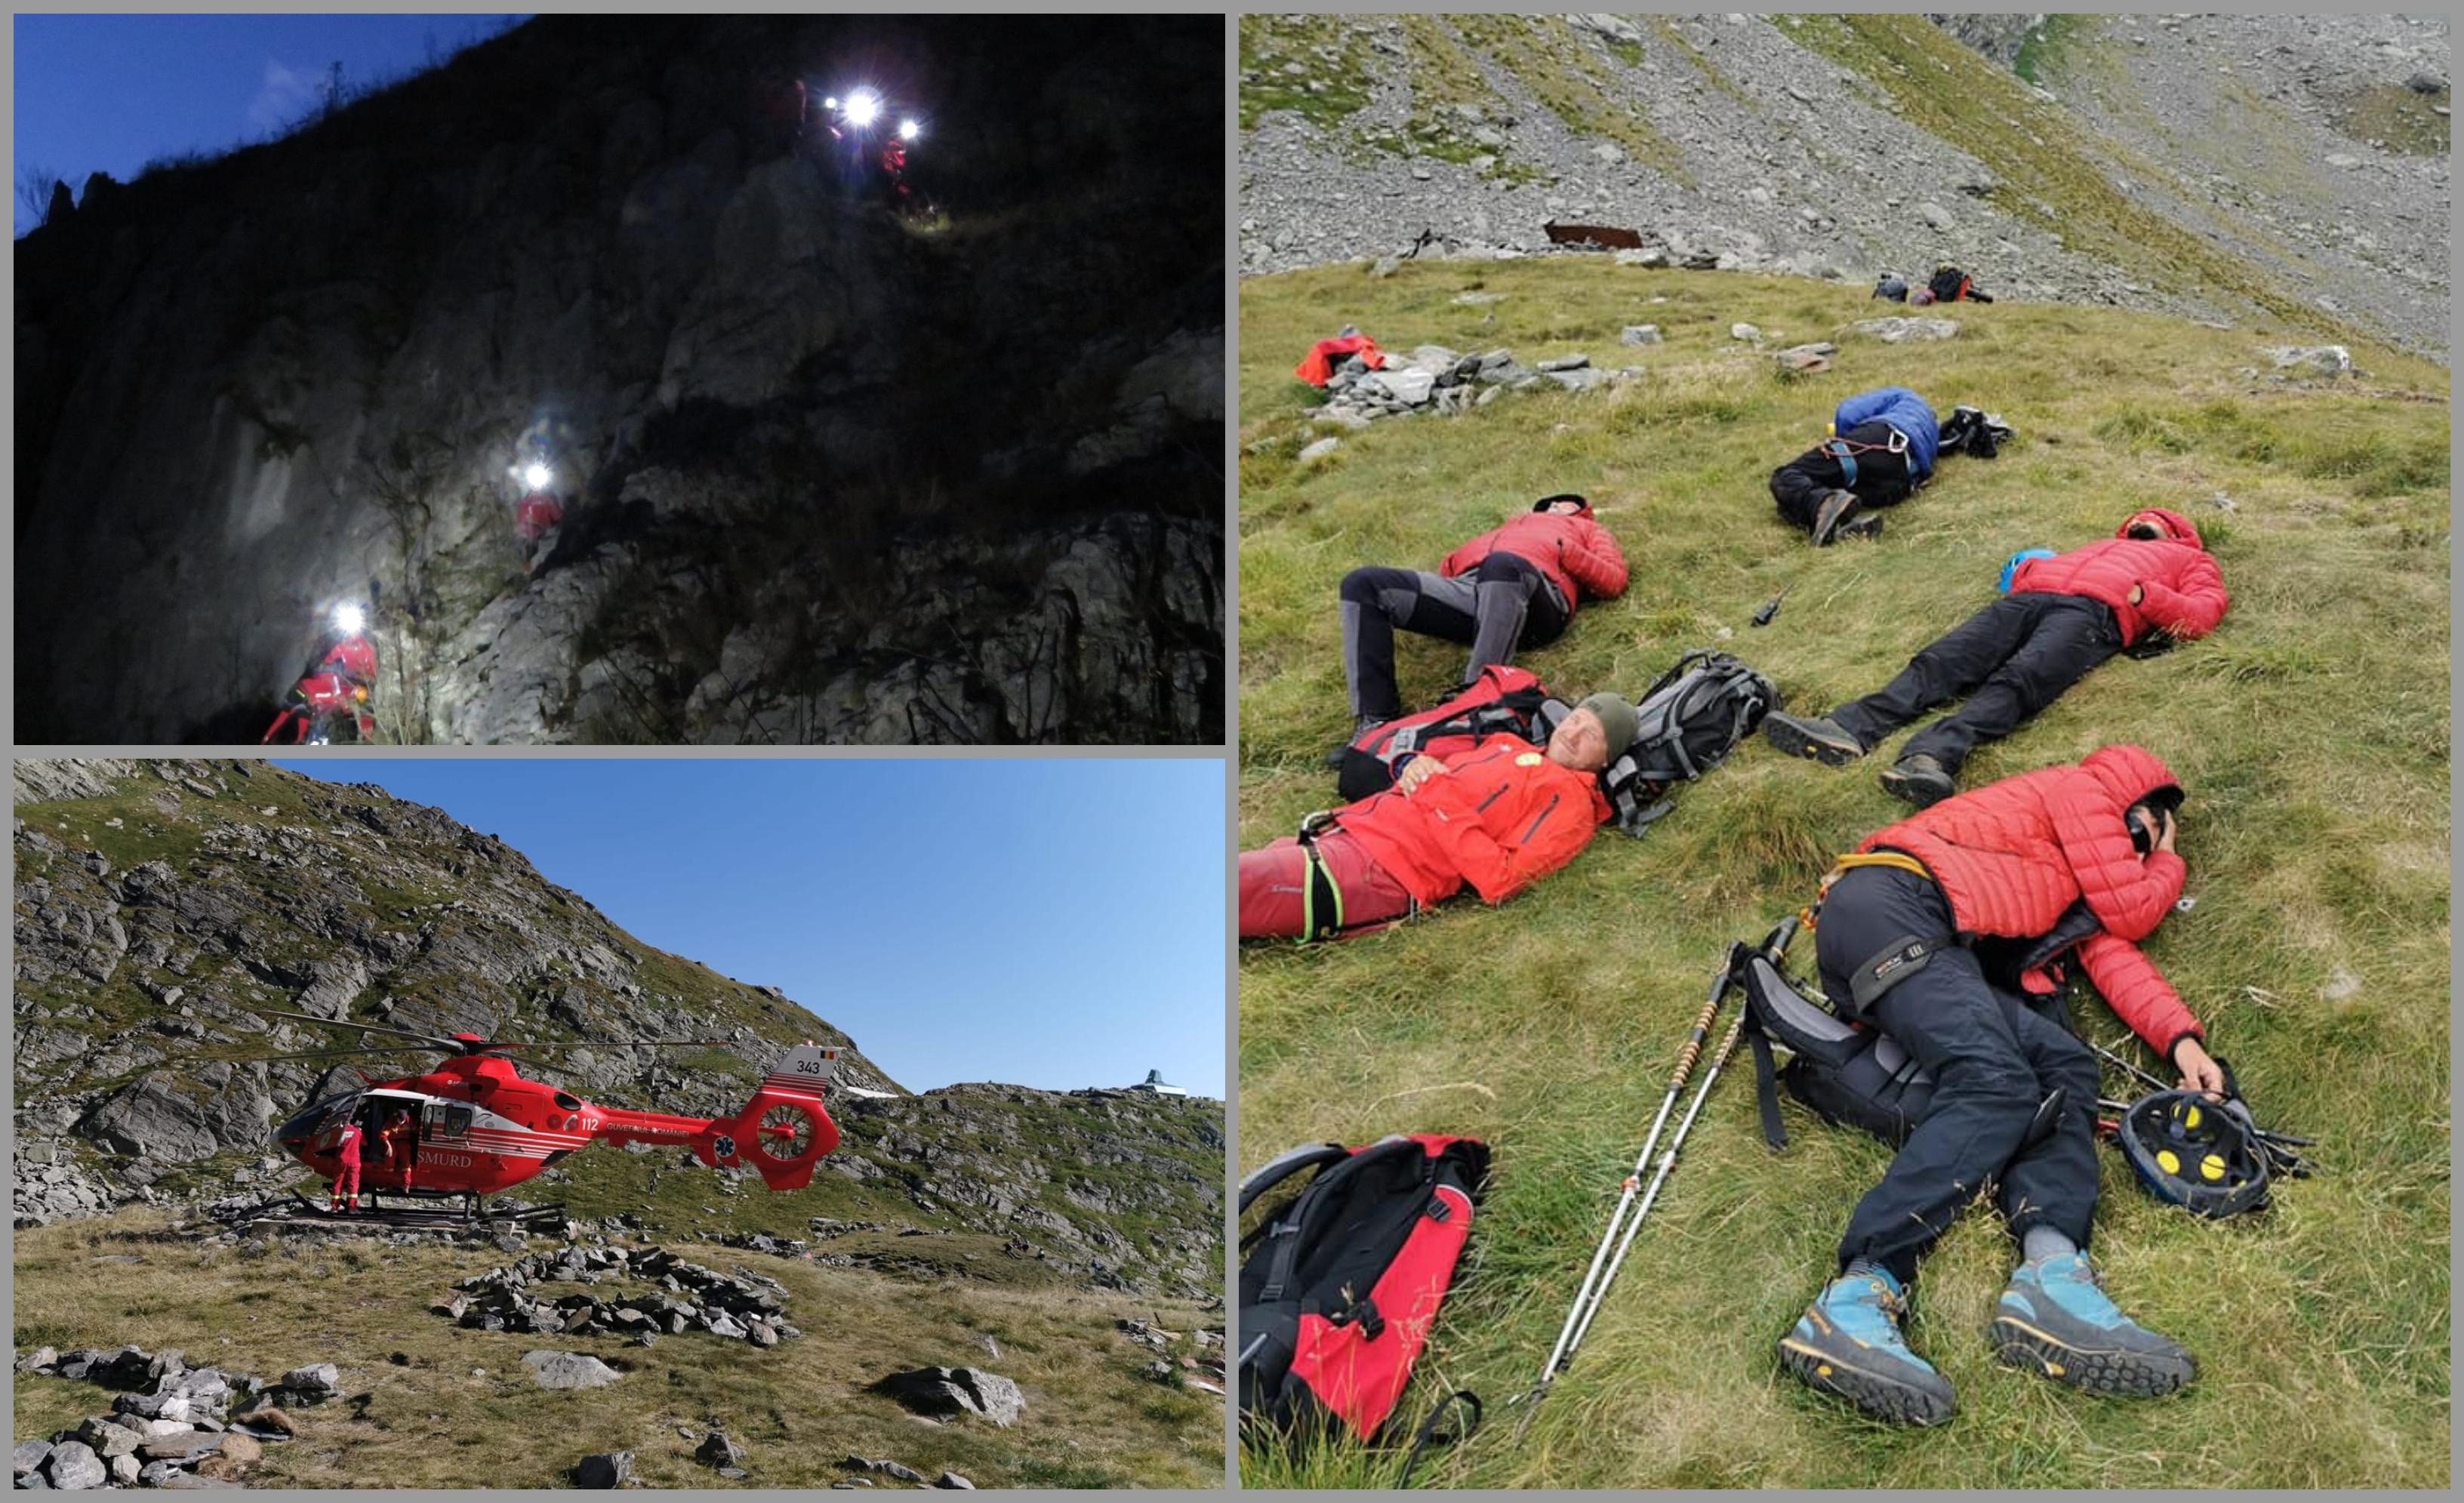 Salvamontişti odihnindu-se după o operaţiune de salvare finalizată după aproape 19 ore, în Munţii Făgăraş